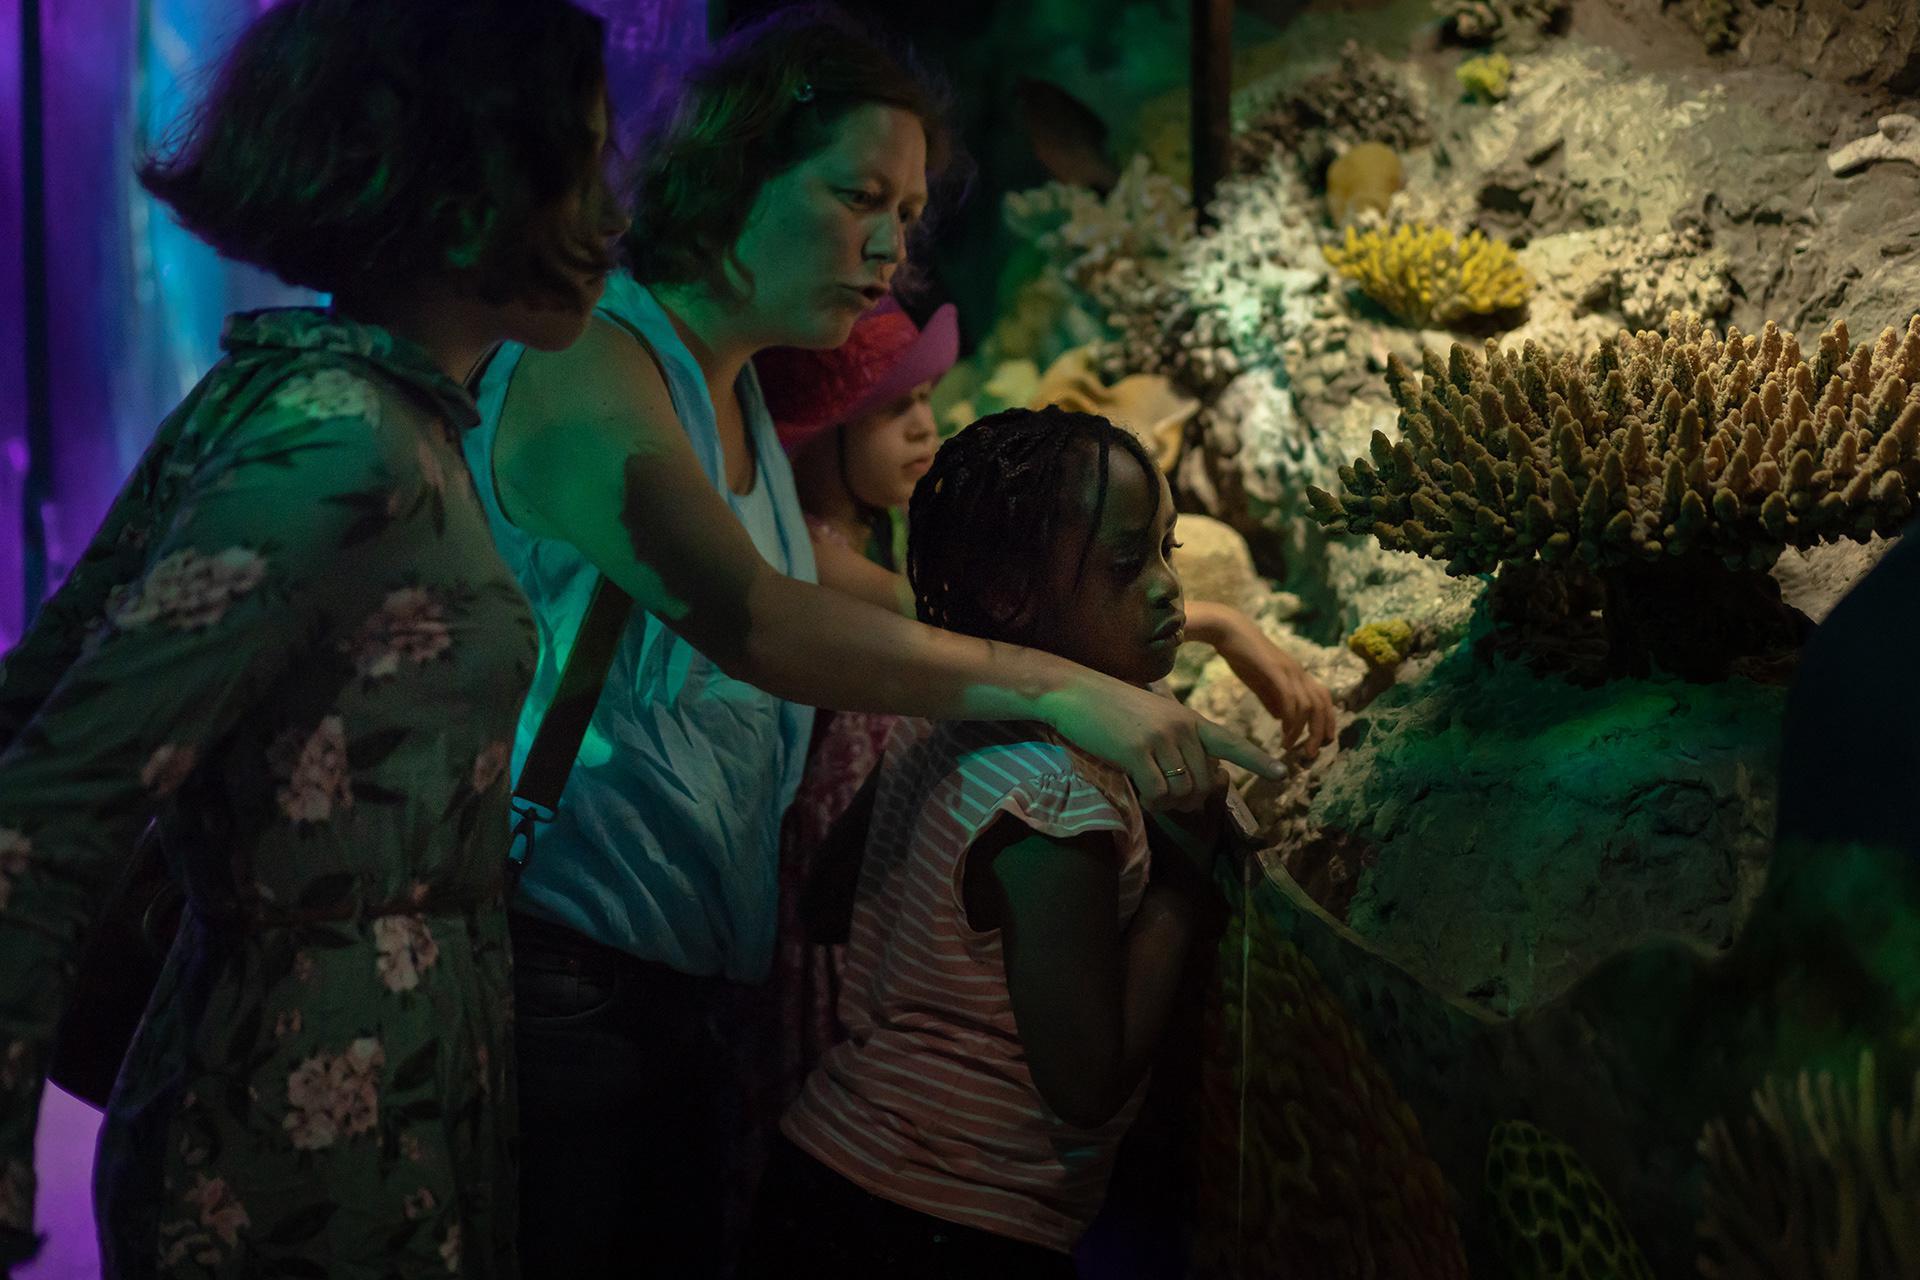 Ghift pourra raconter à sa mère et à ses frères et sœurs qu'elle a vu de beaux poissons au zoo de Rotterdam.